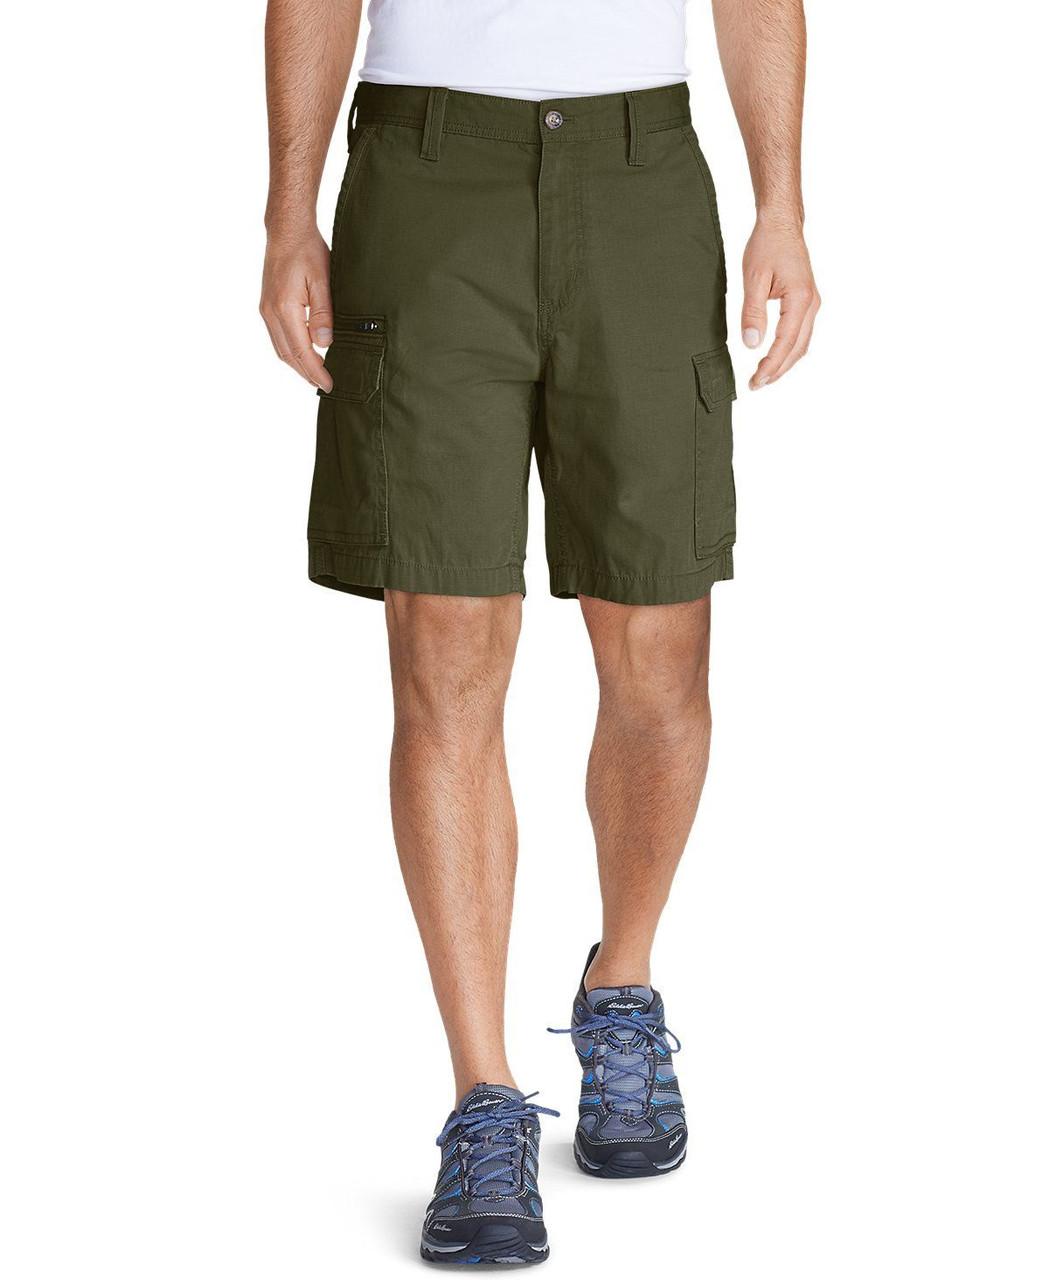 Шорты Eddie Bauer Versatrex Cargo Shorts W36